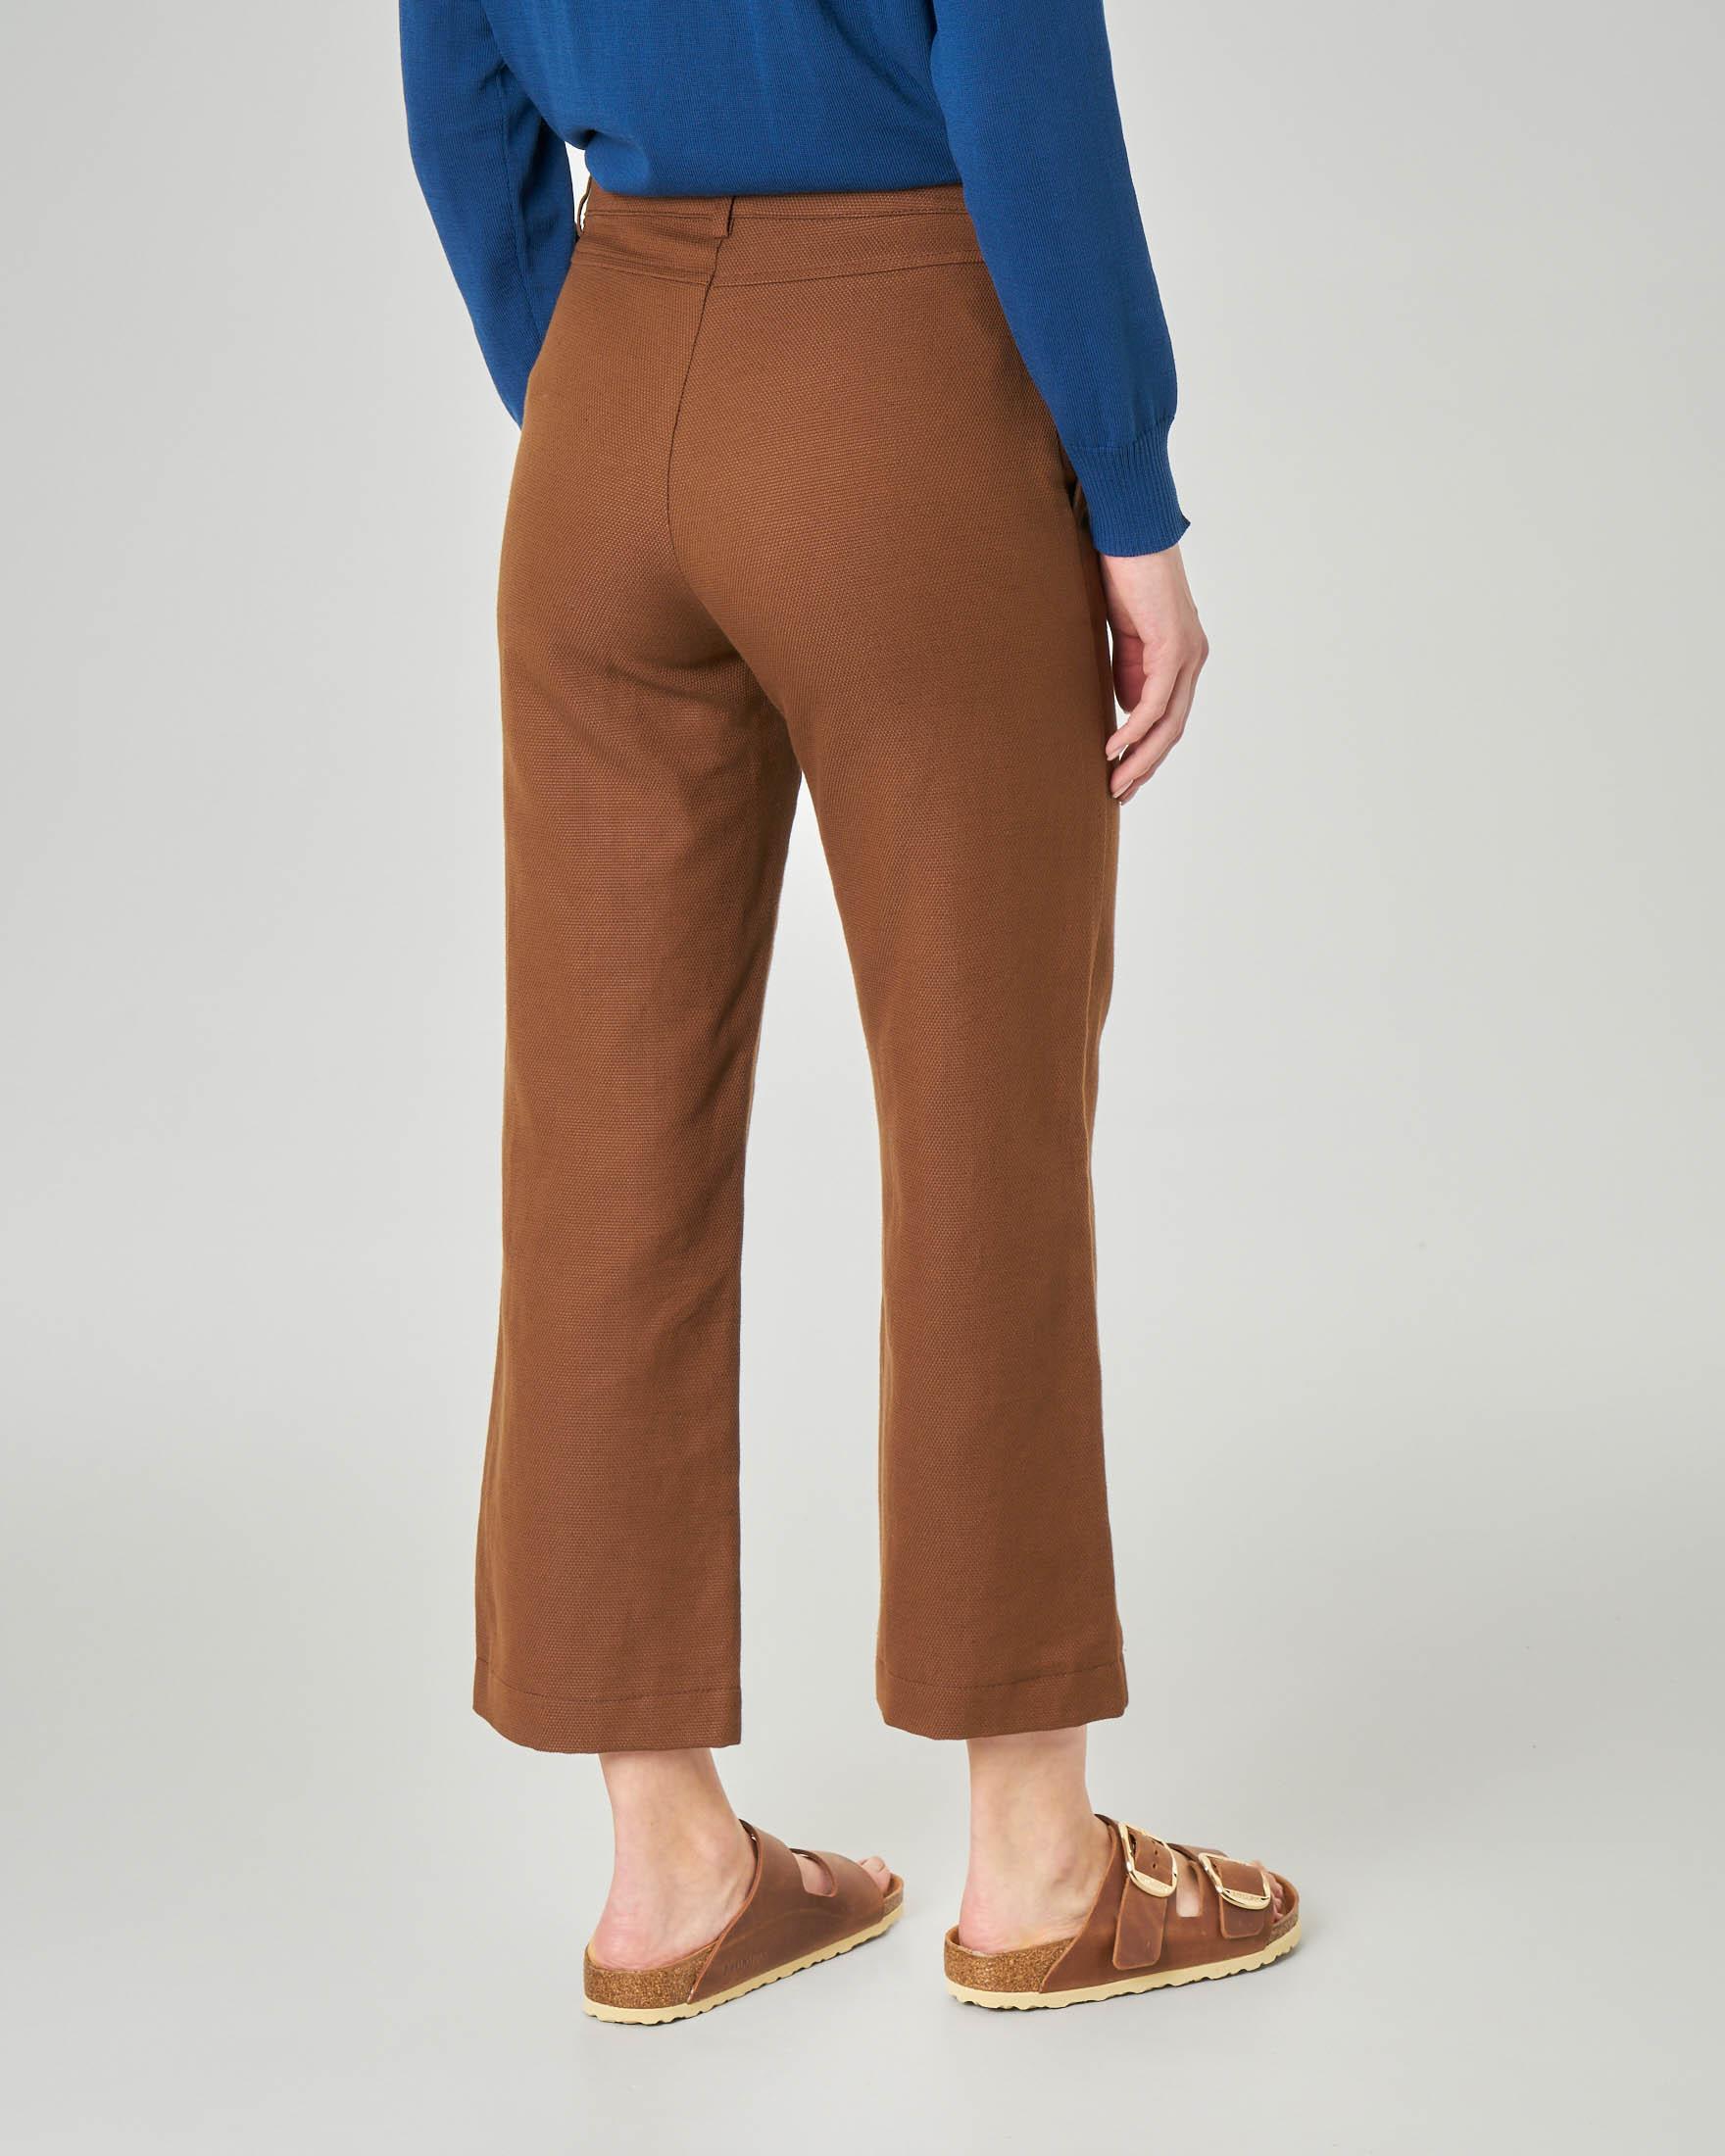 Pantaloni dritti color cuoio in cotone misto lino